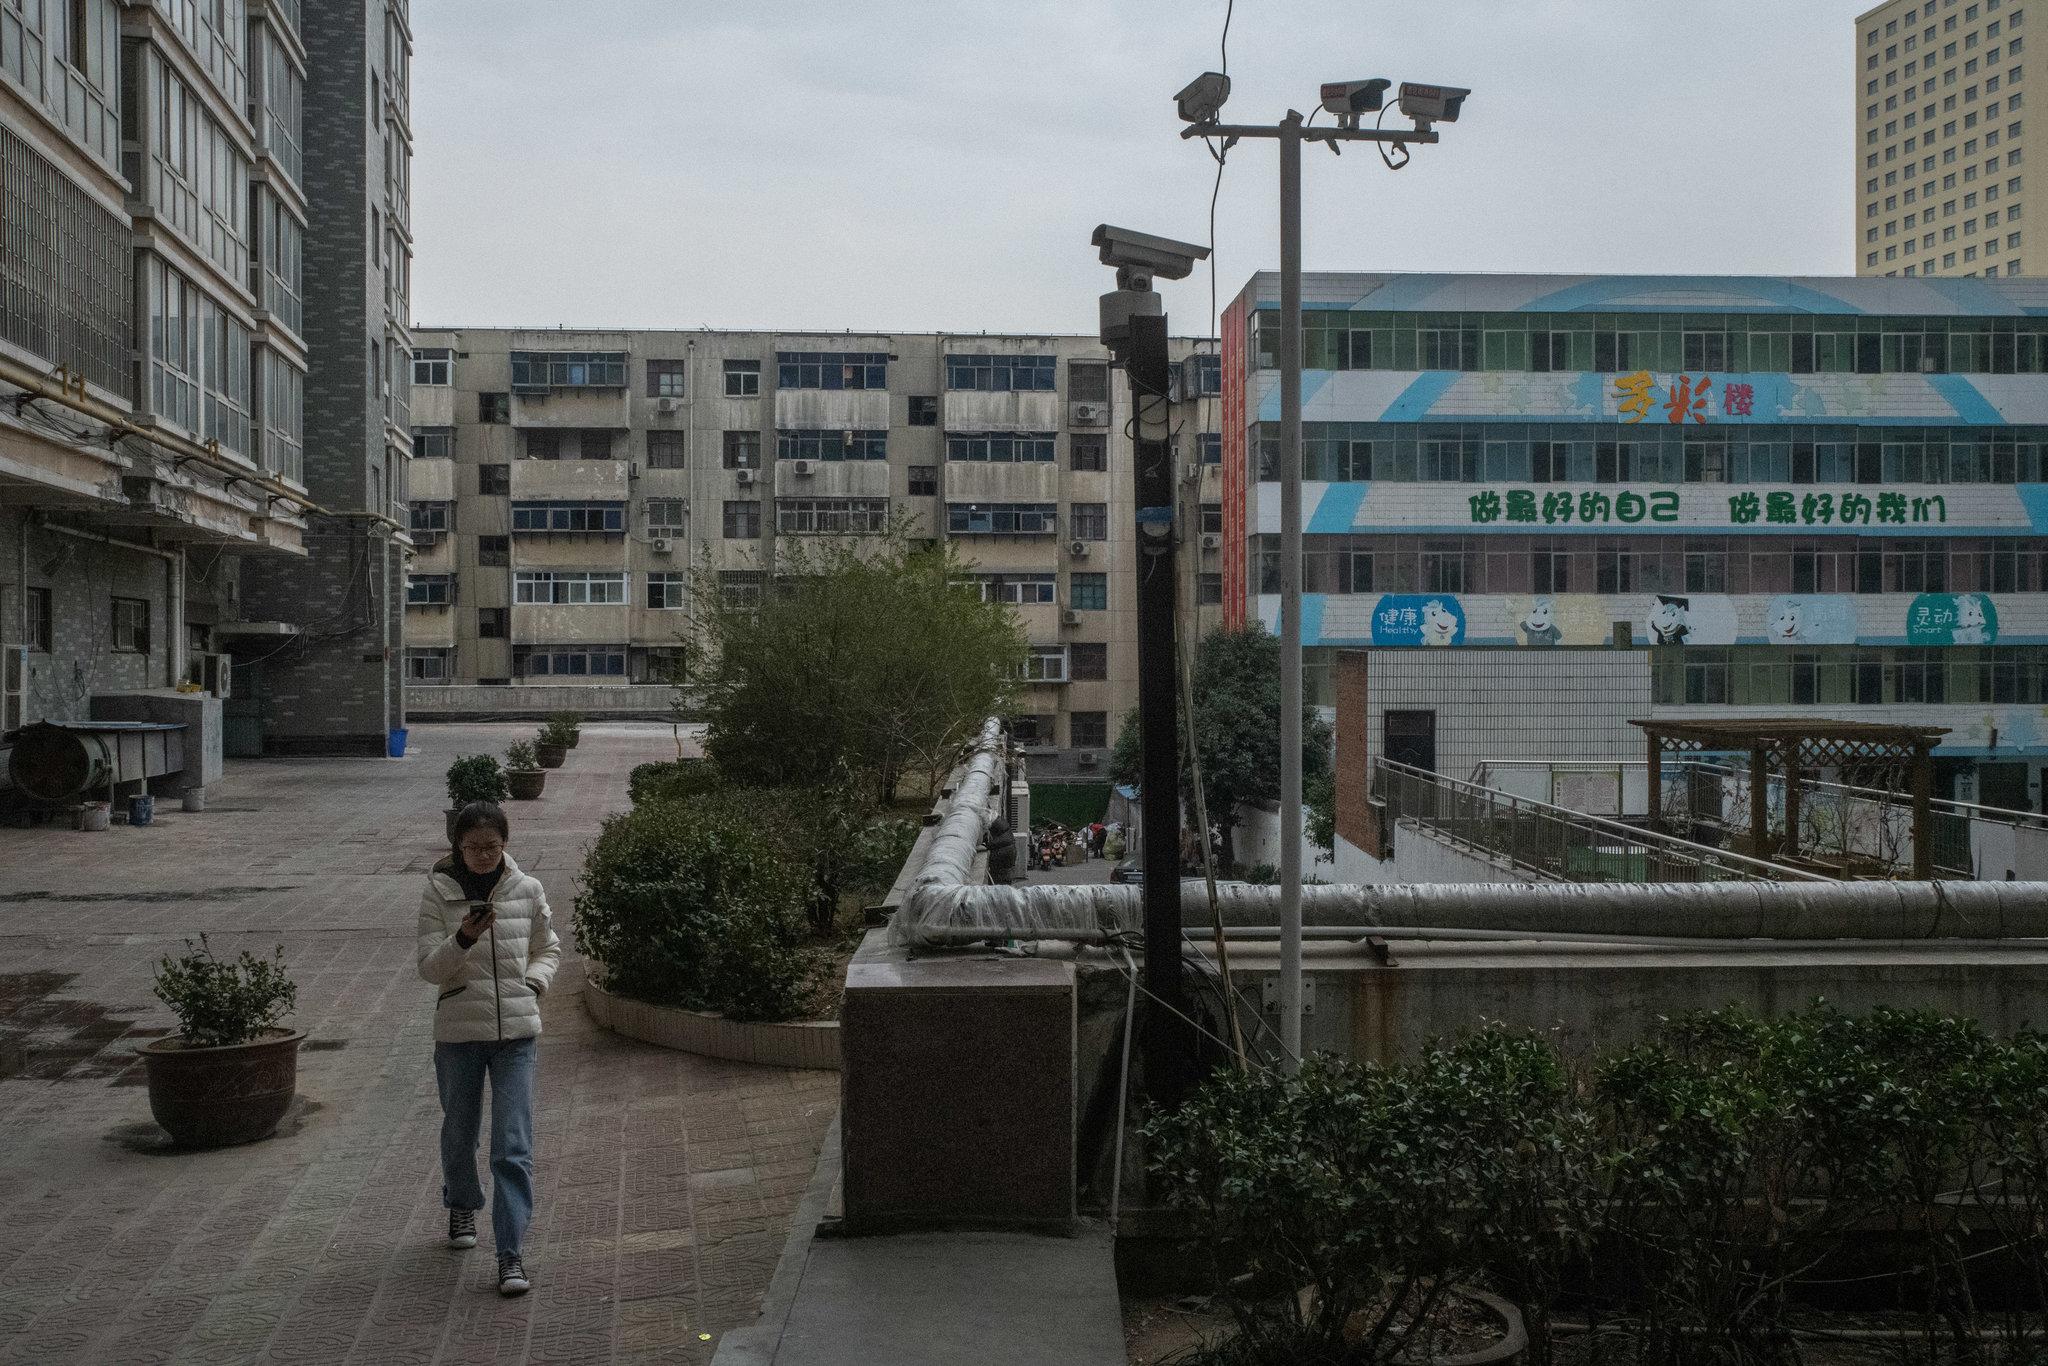 الصين تتبع إجراءات تنتهك الخصوصية الشخصية لشعبها